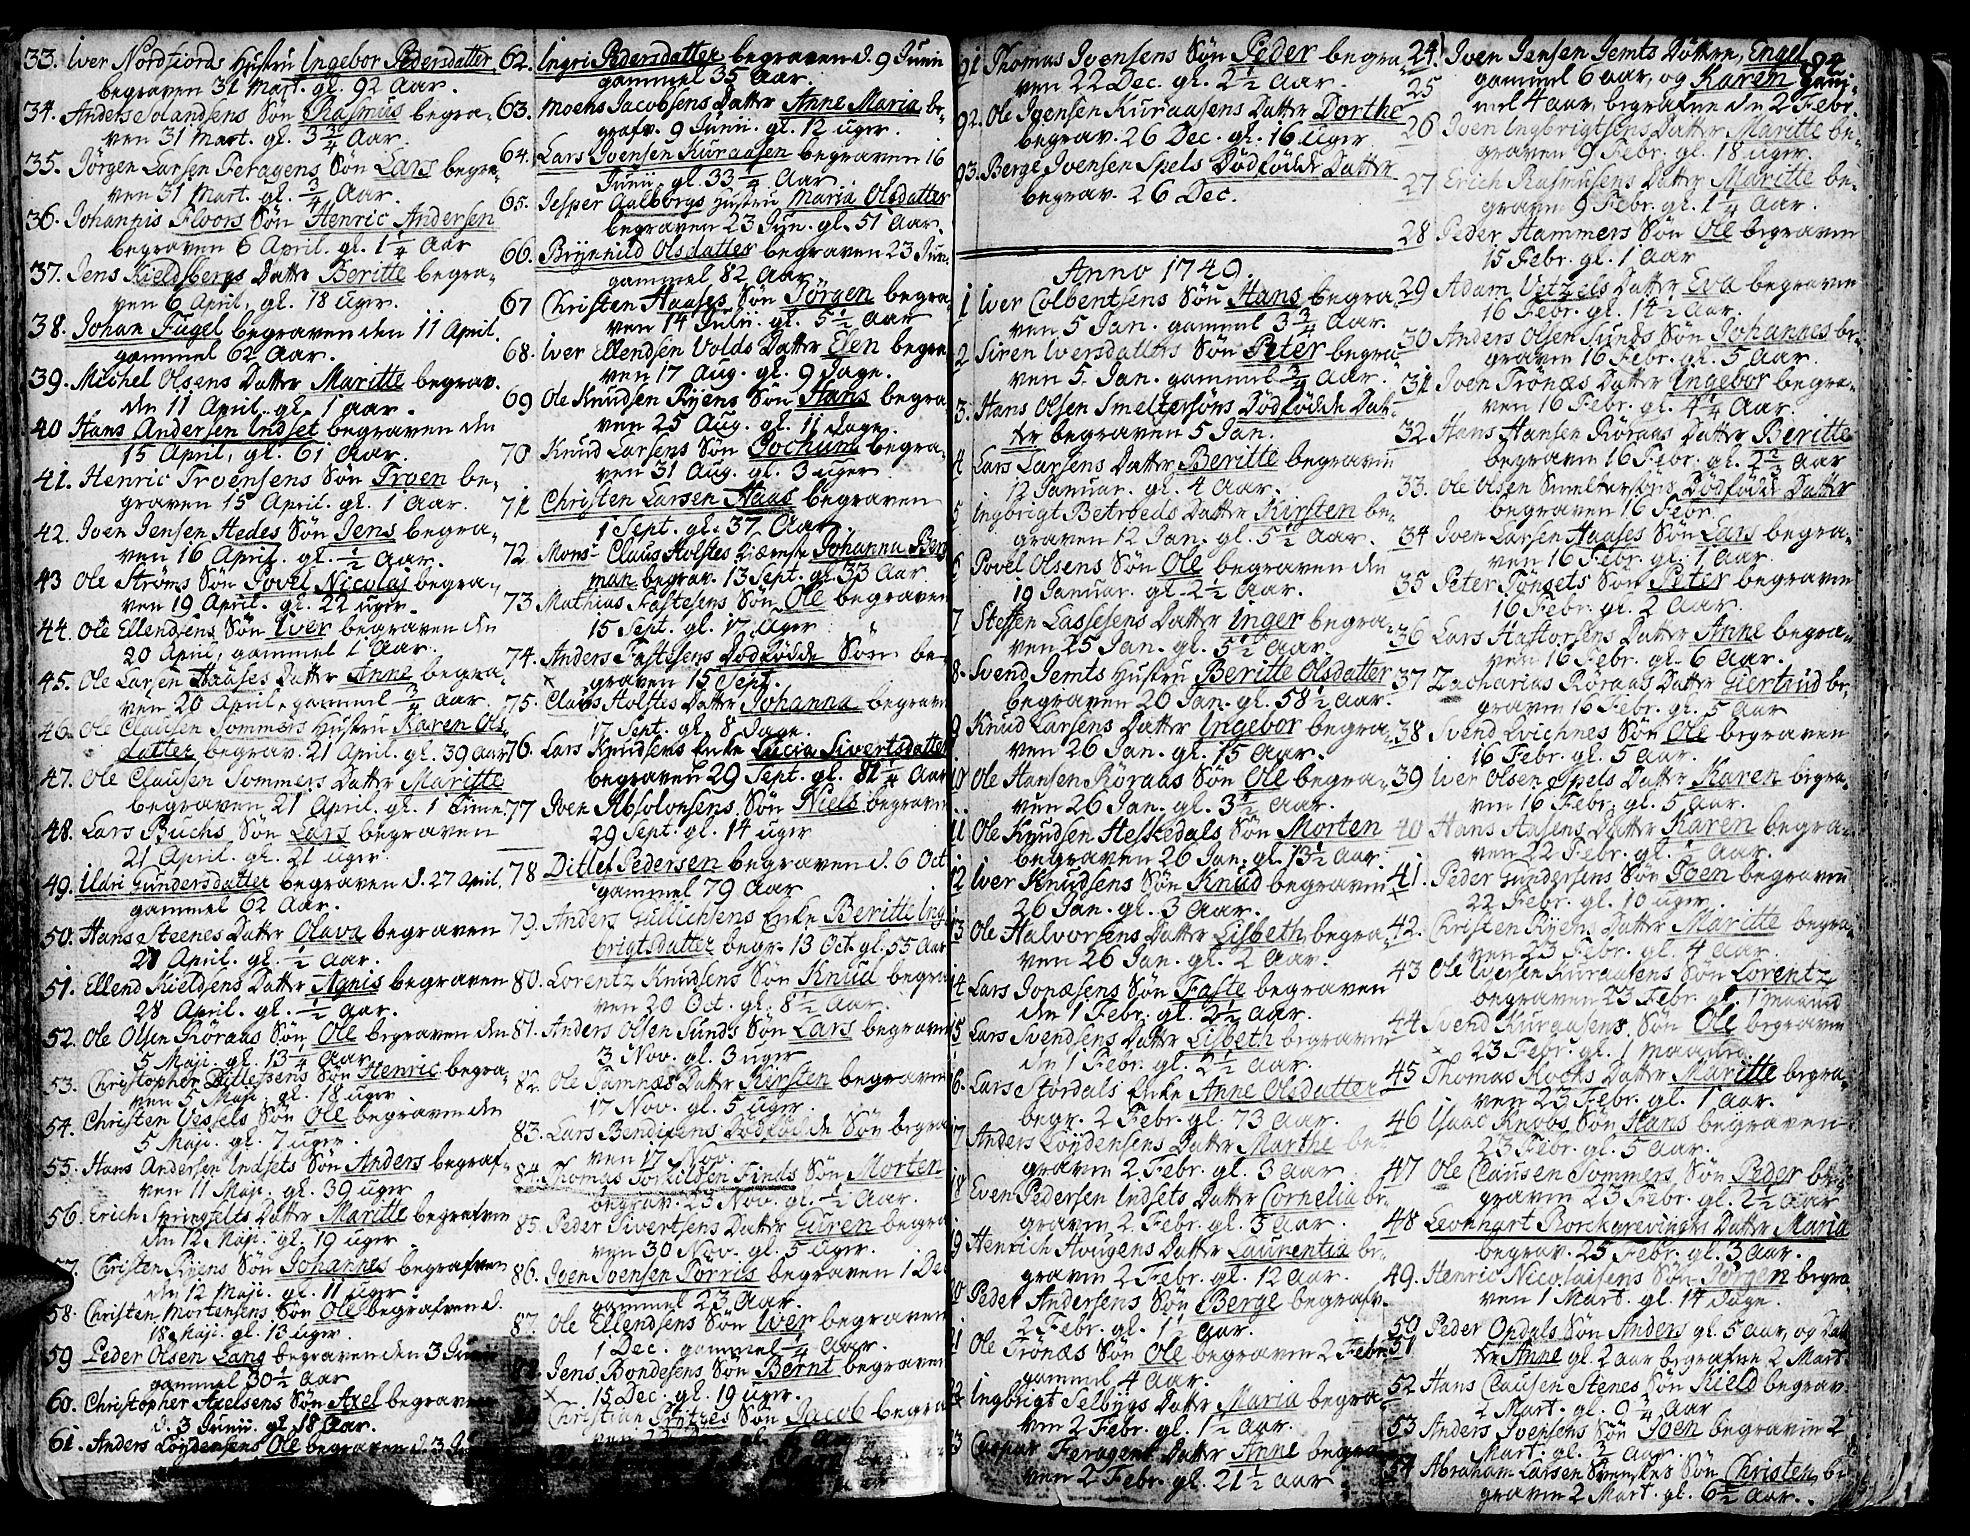 SAT, Ministerialprotokoller, klokkerbøker og fødselsregistre - Sør-Trøndelag, 681/L0925: Ministerialbok nr. 681A03, 1727-1766, s. 84